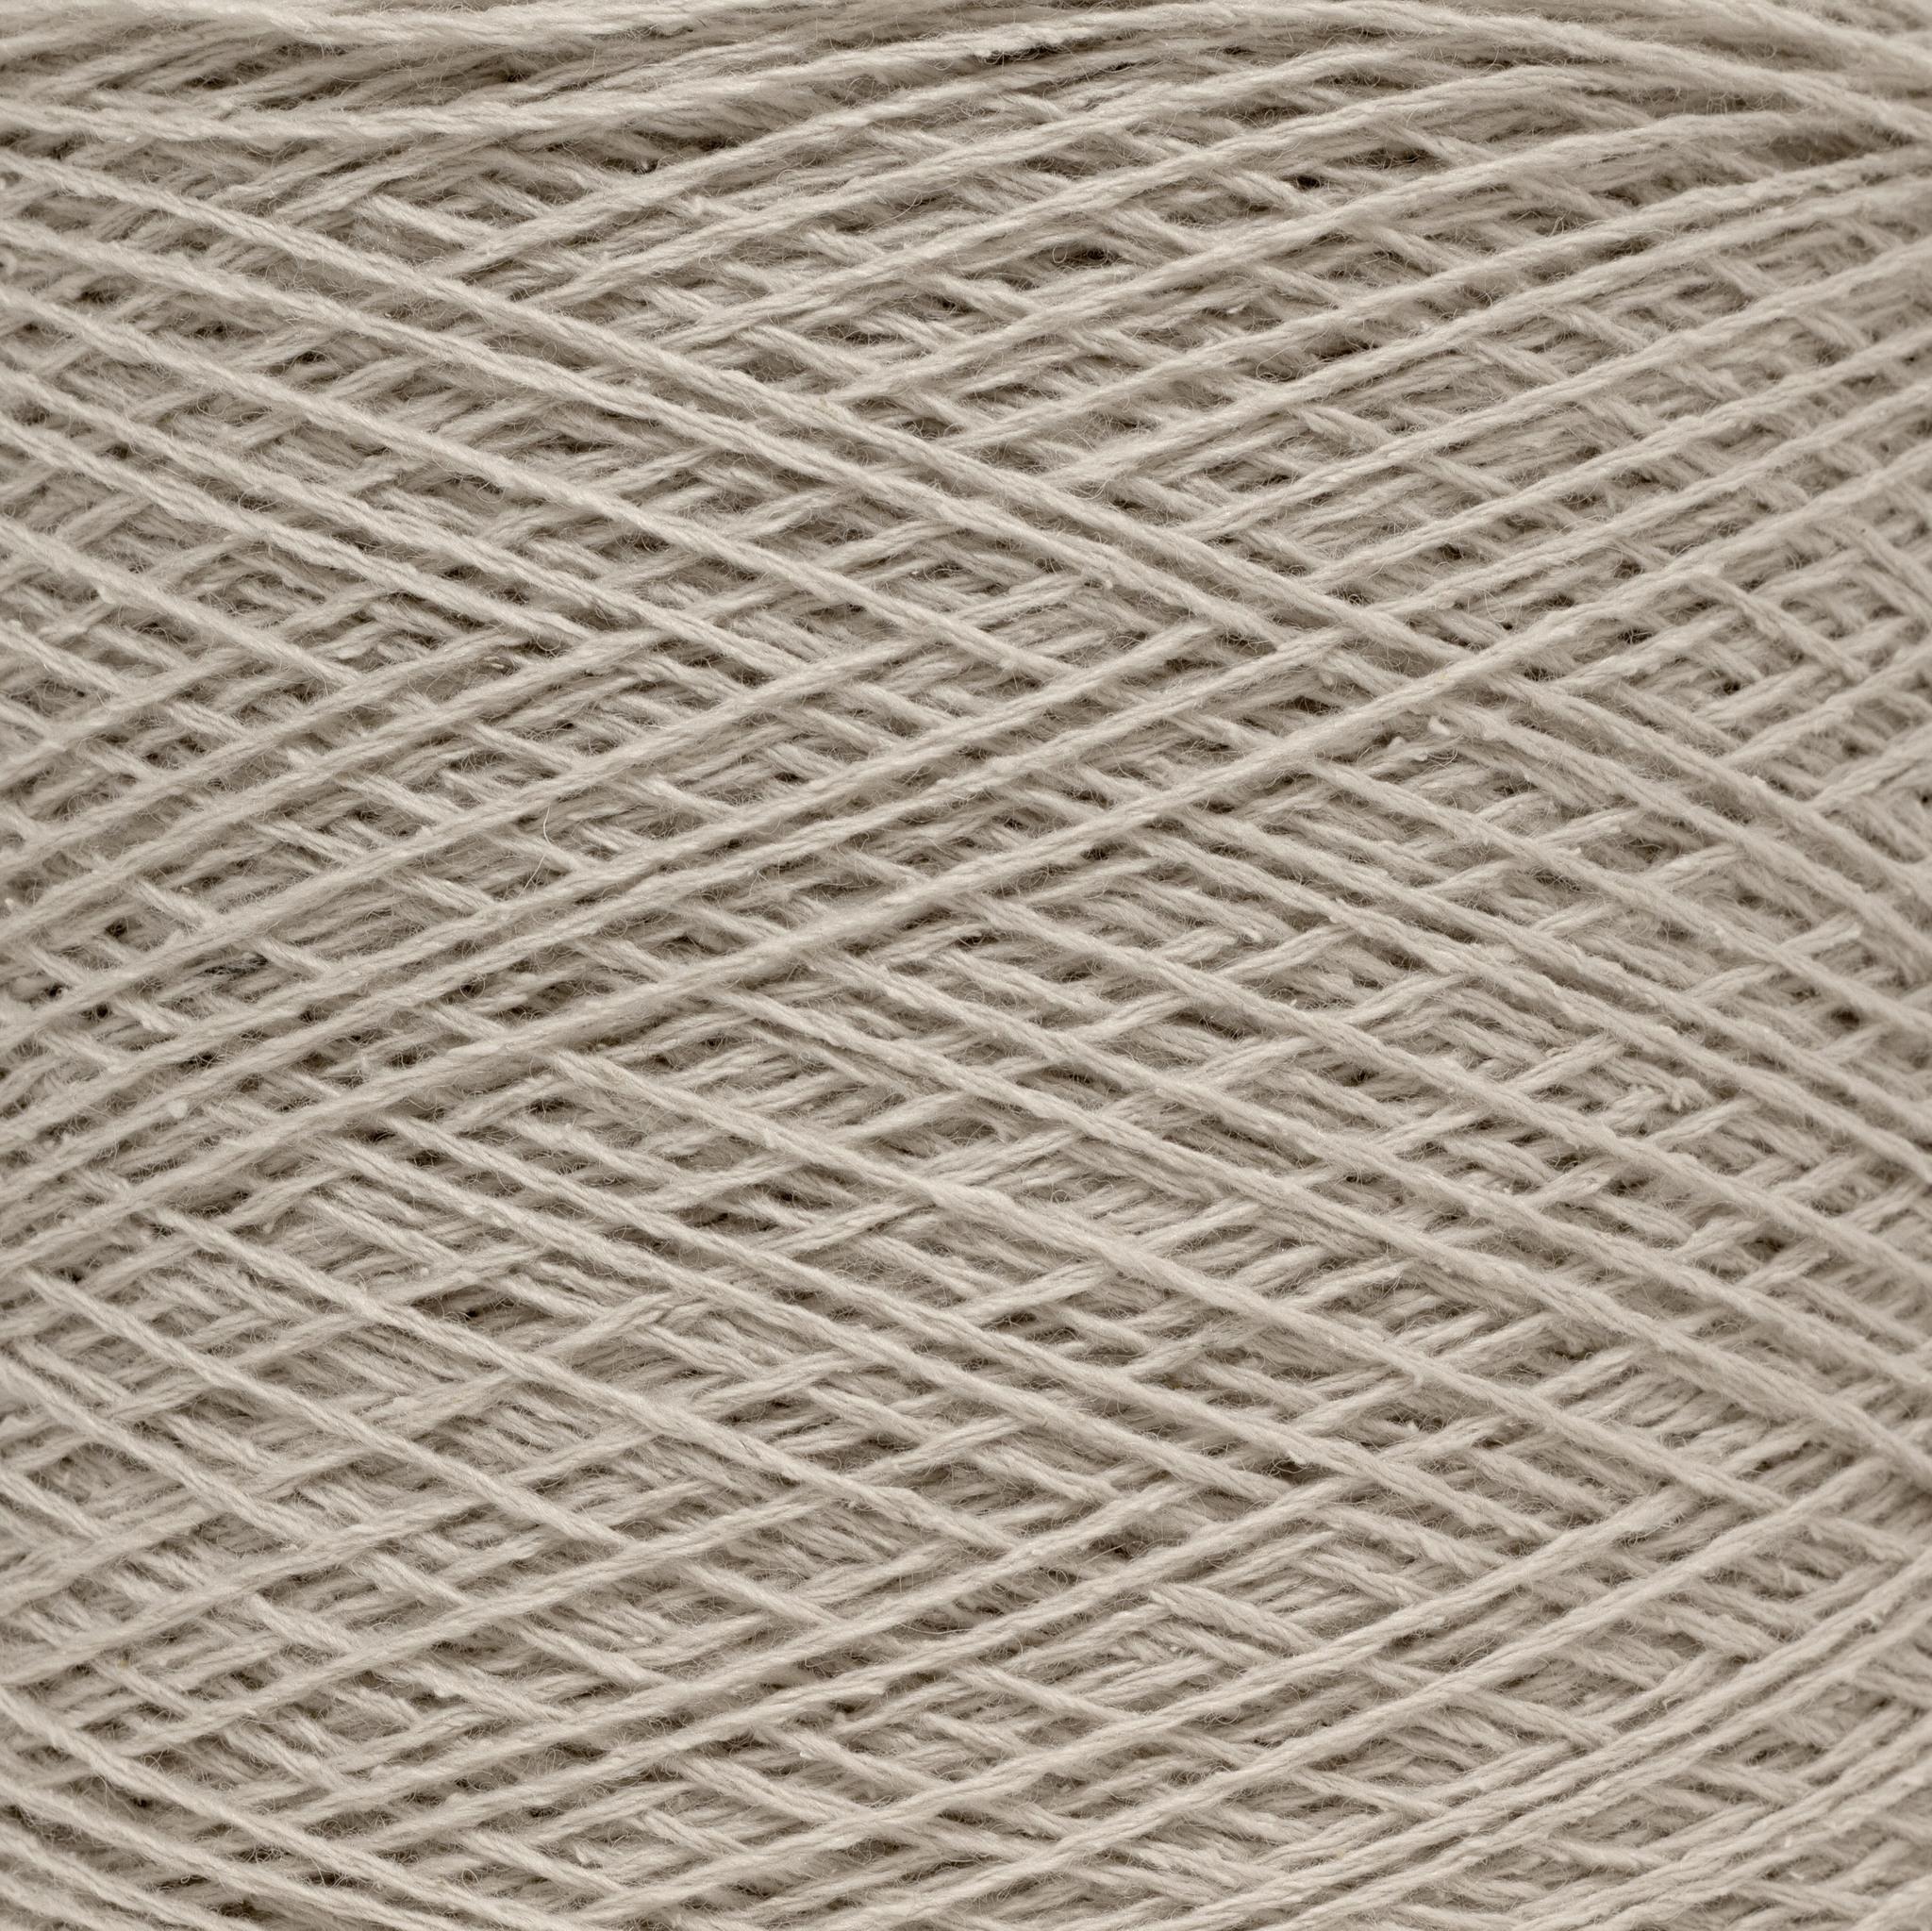 Knoll Yarns Samarkand (двойной) - 008